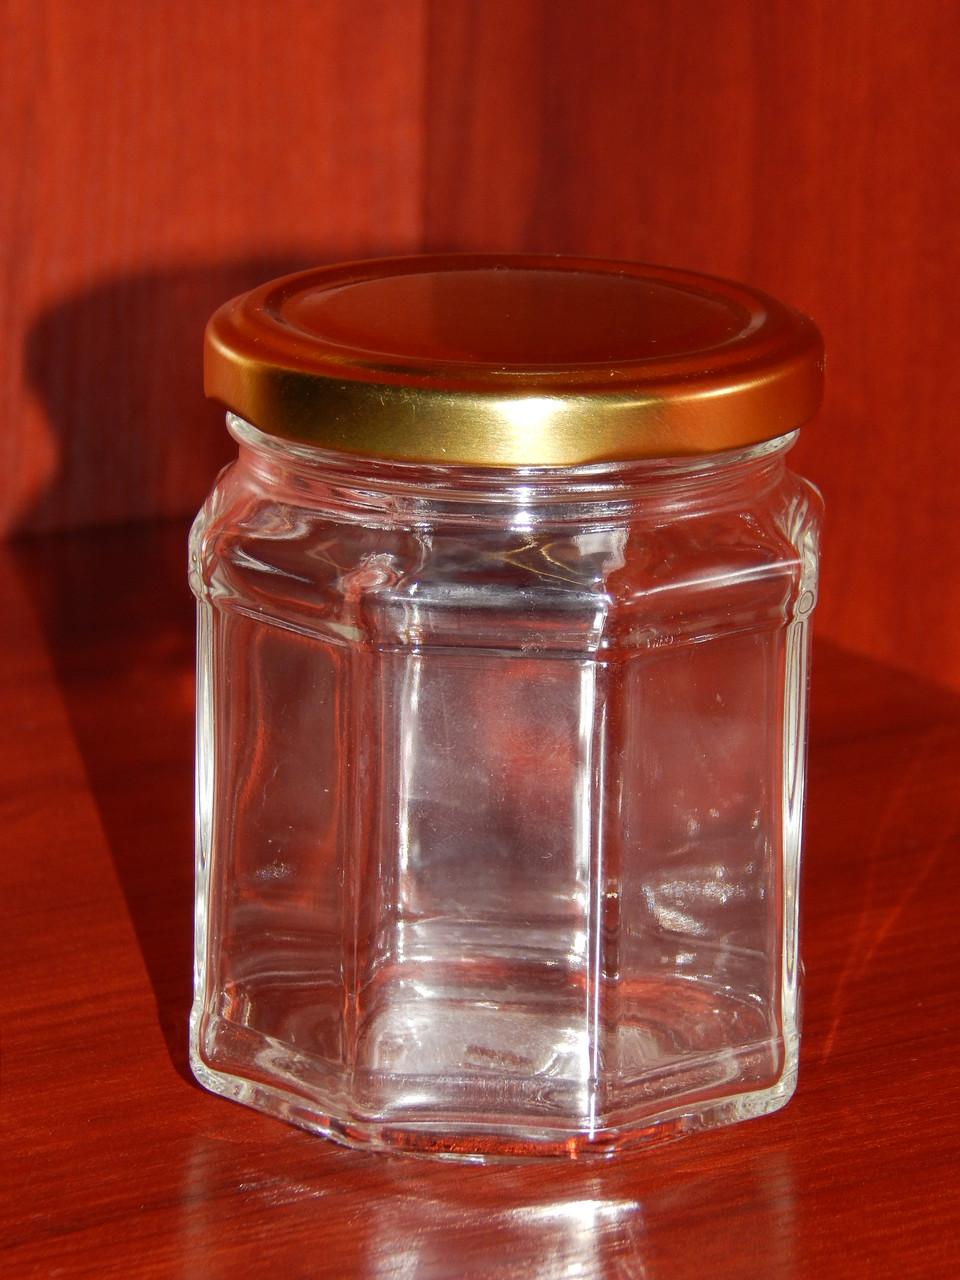 Банка стеклянная 229 мл с горловиной твист 63 мм восьмигранная (20 штук в упаковке) - фото 3